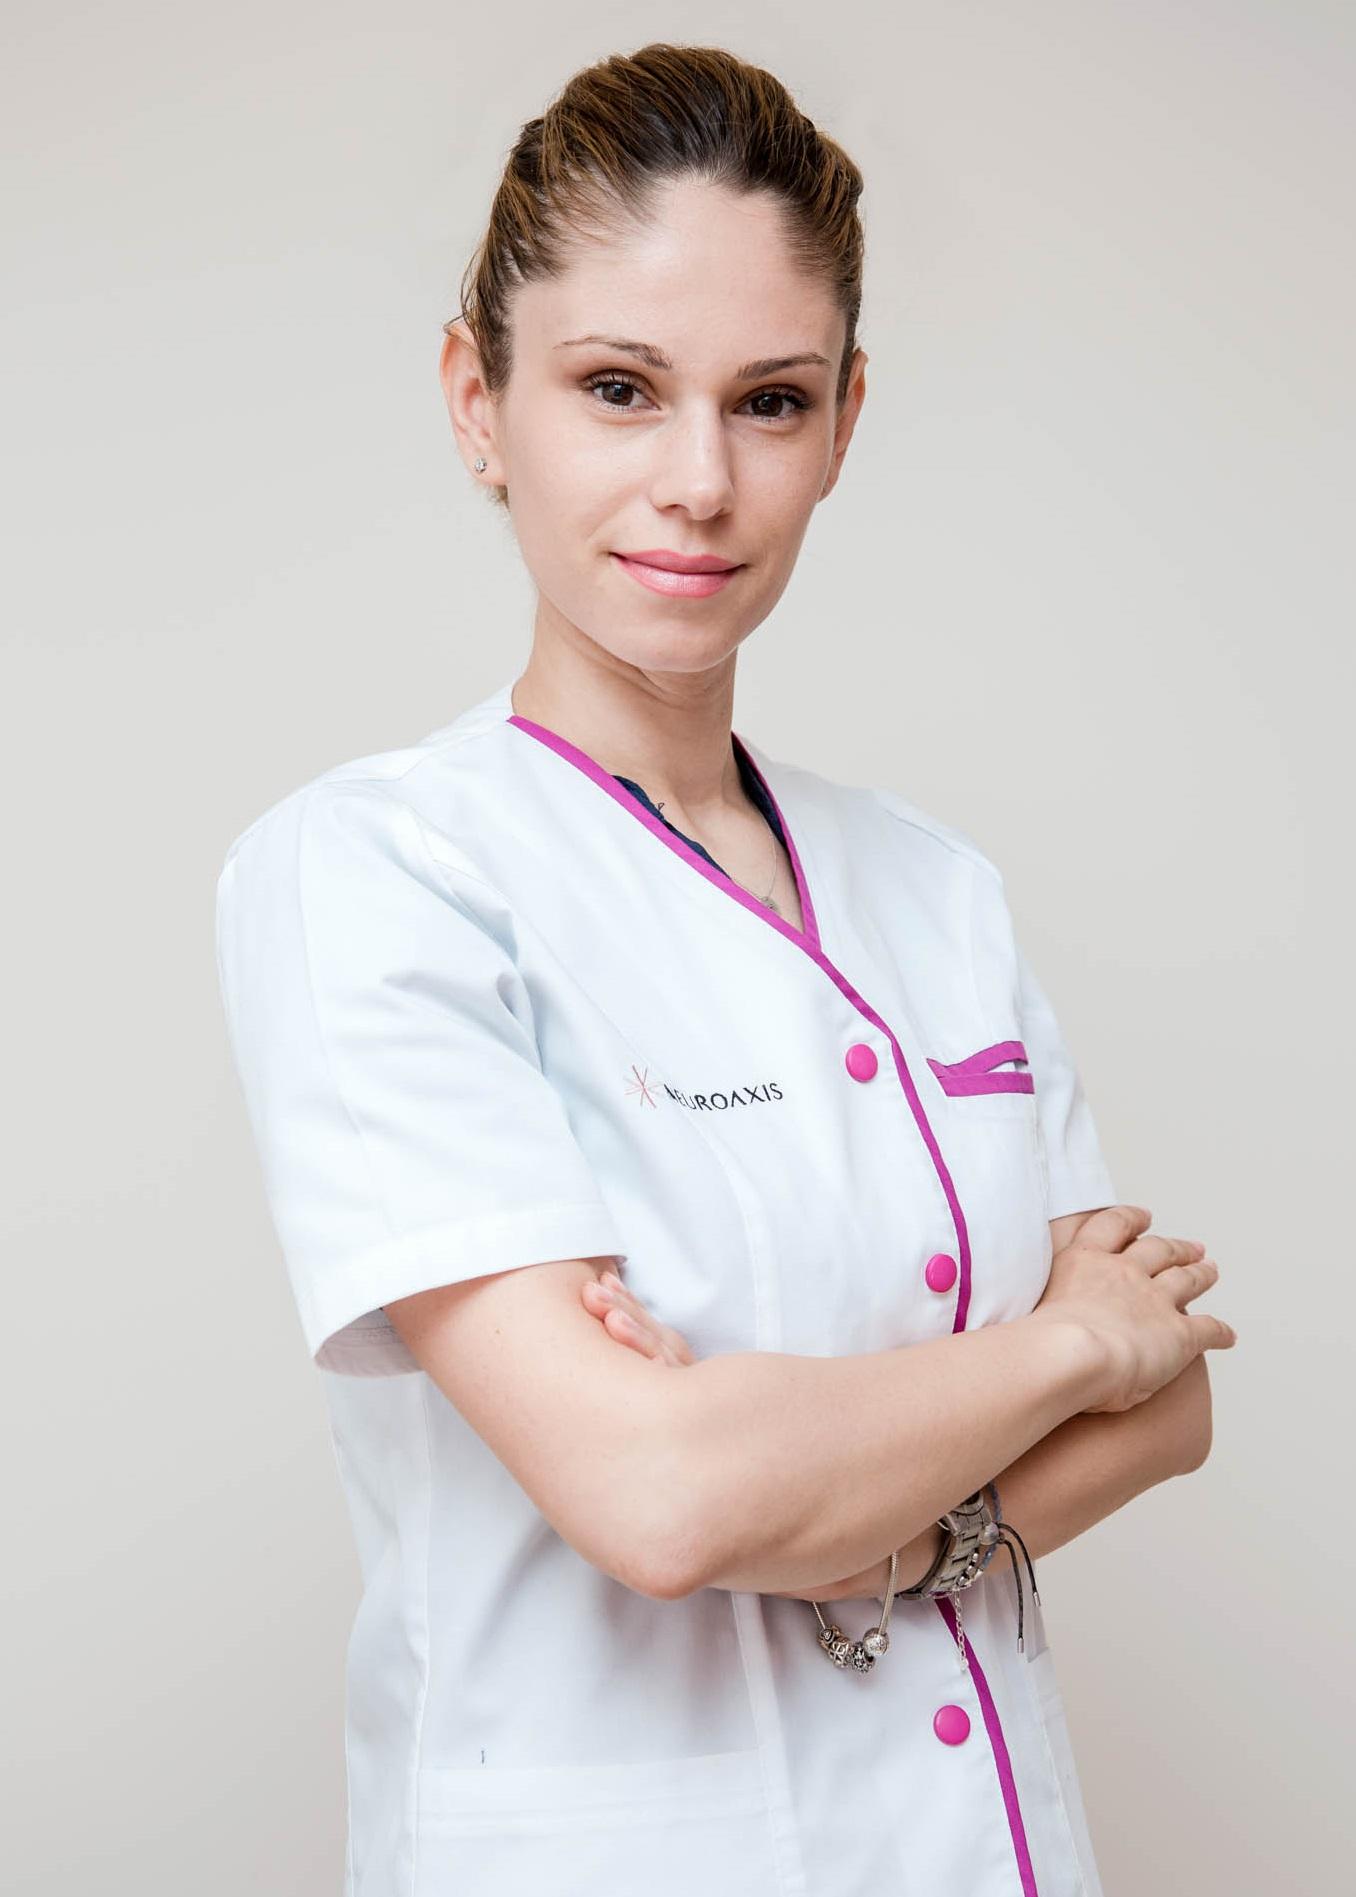 Dr. Miruna Iancu